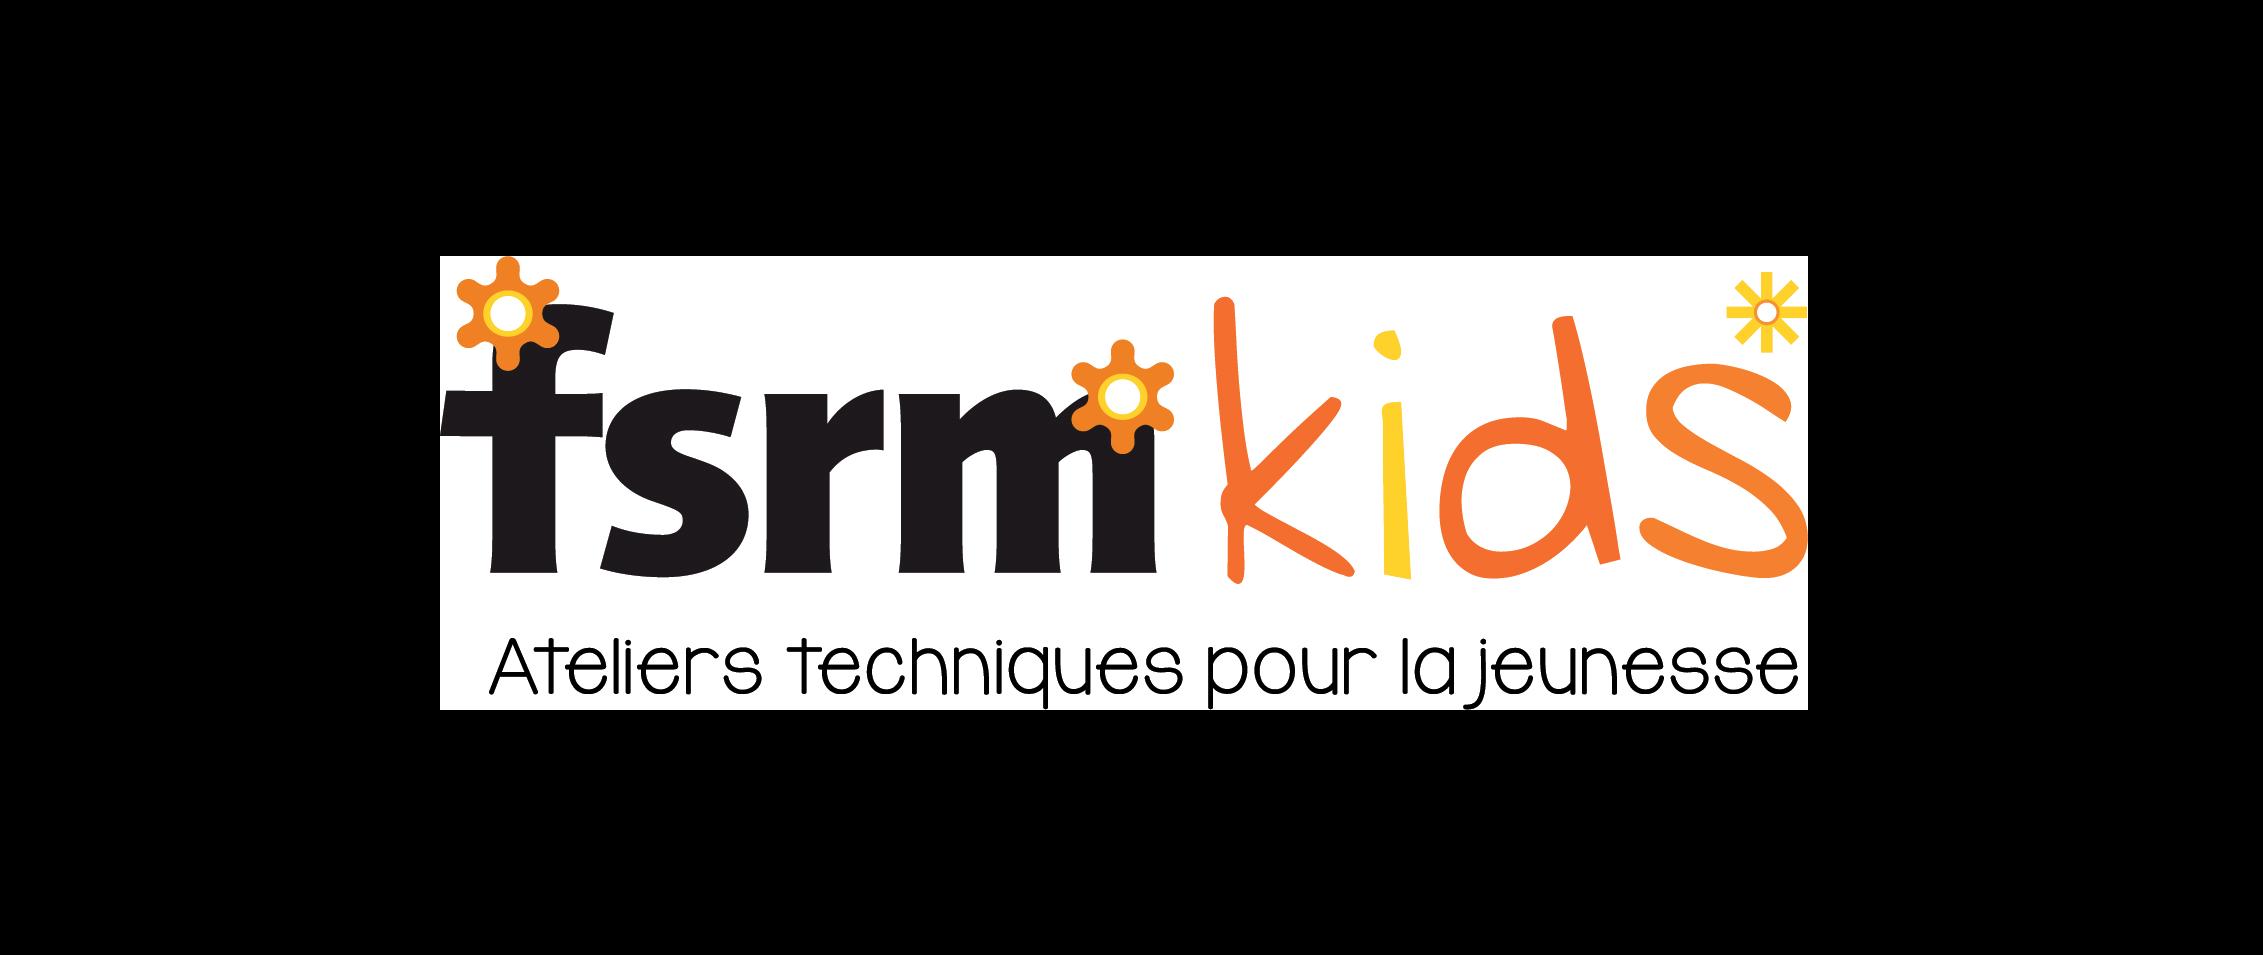 FSRM-KIDS : Ateliers techniques pour la jeunesse